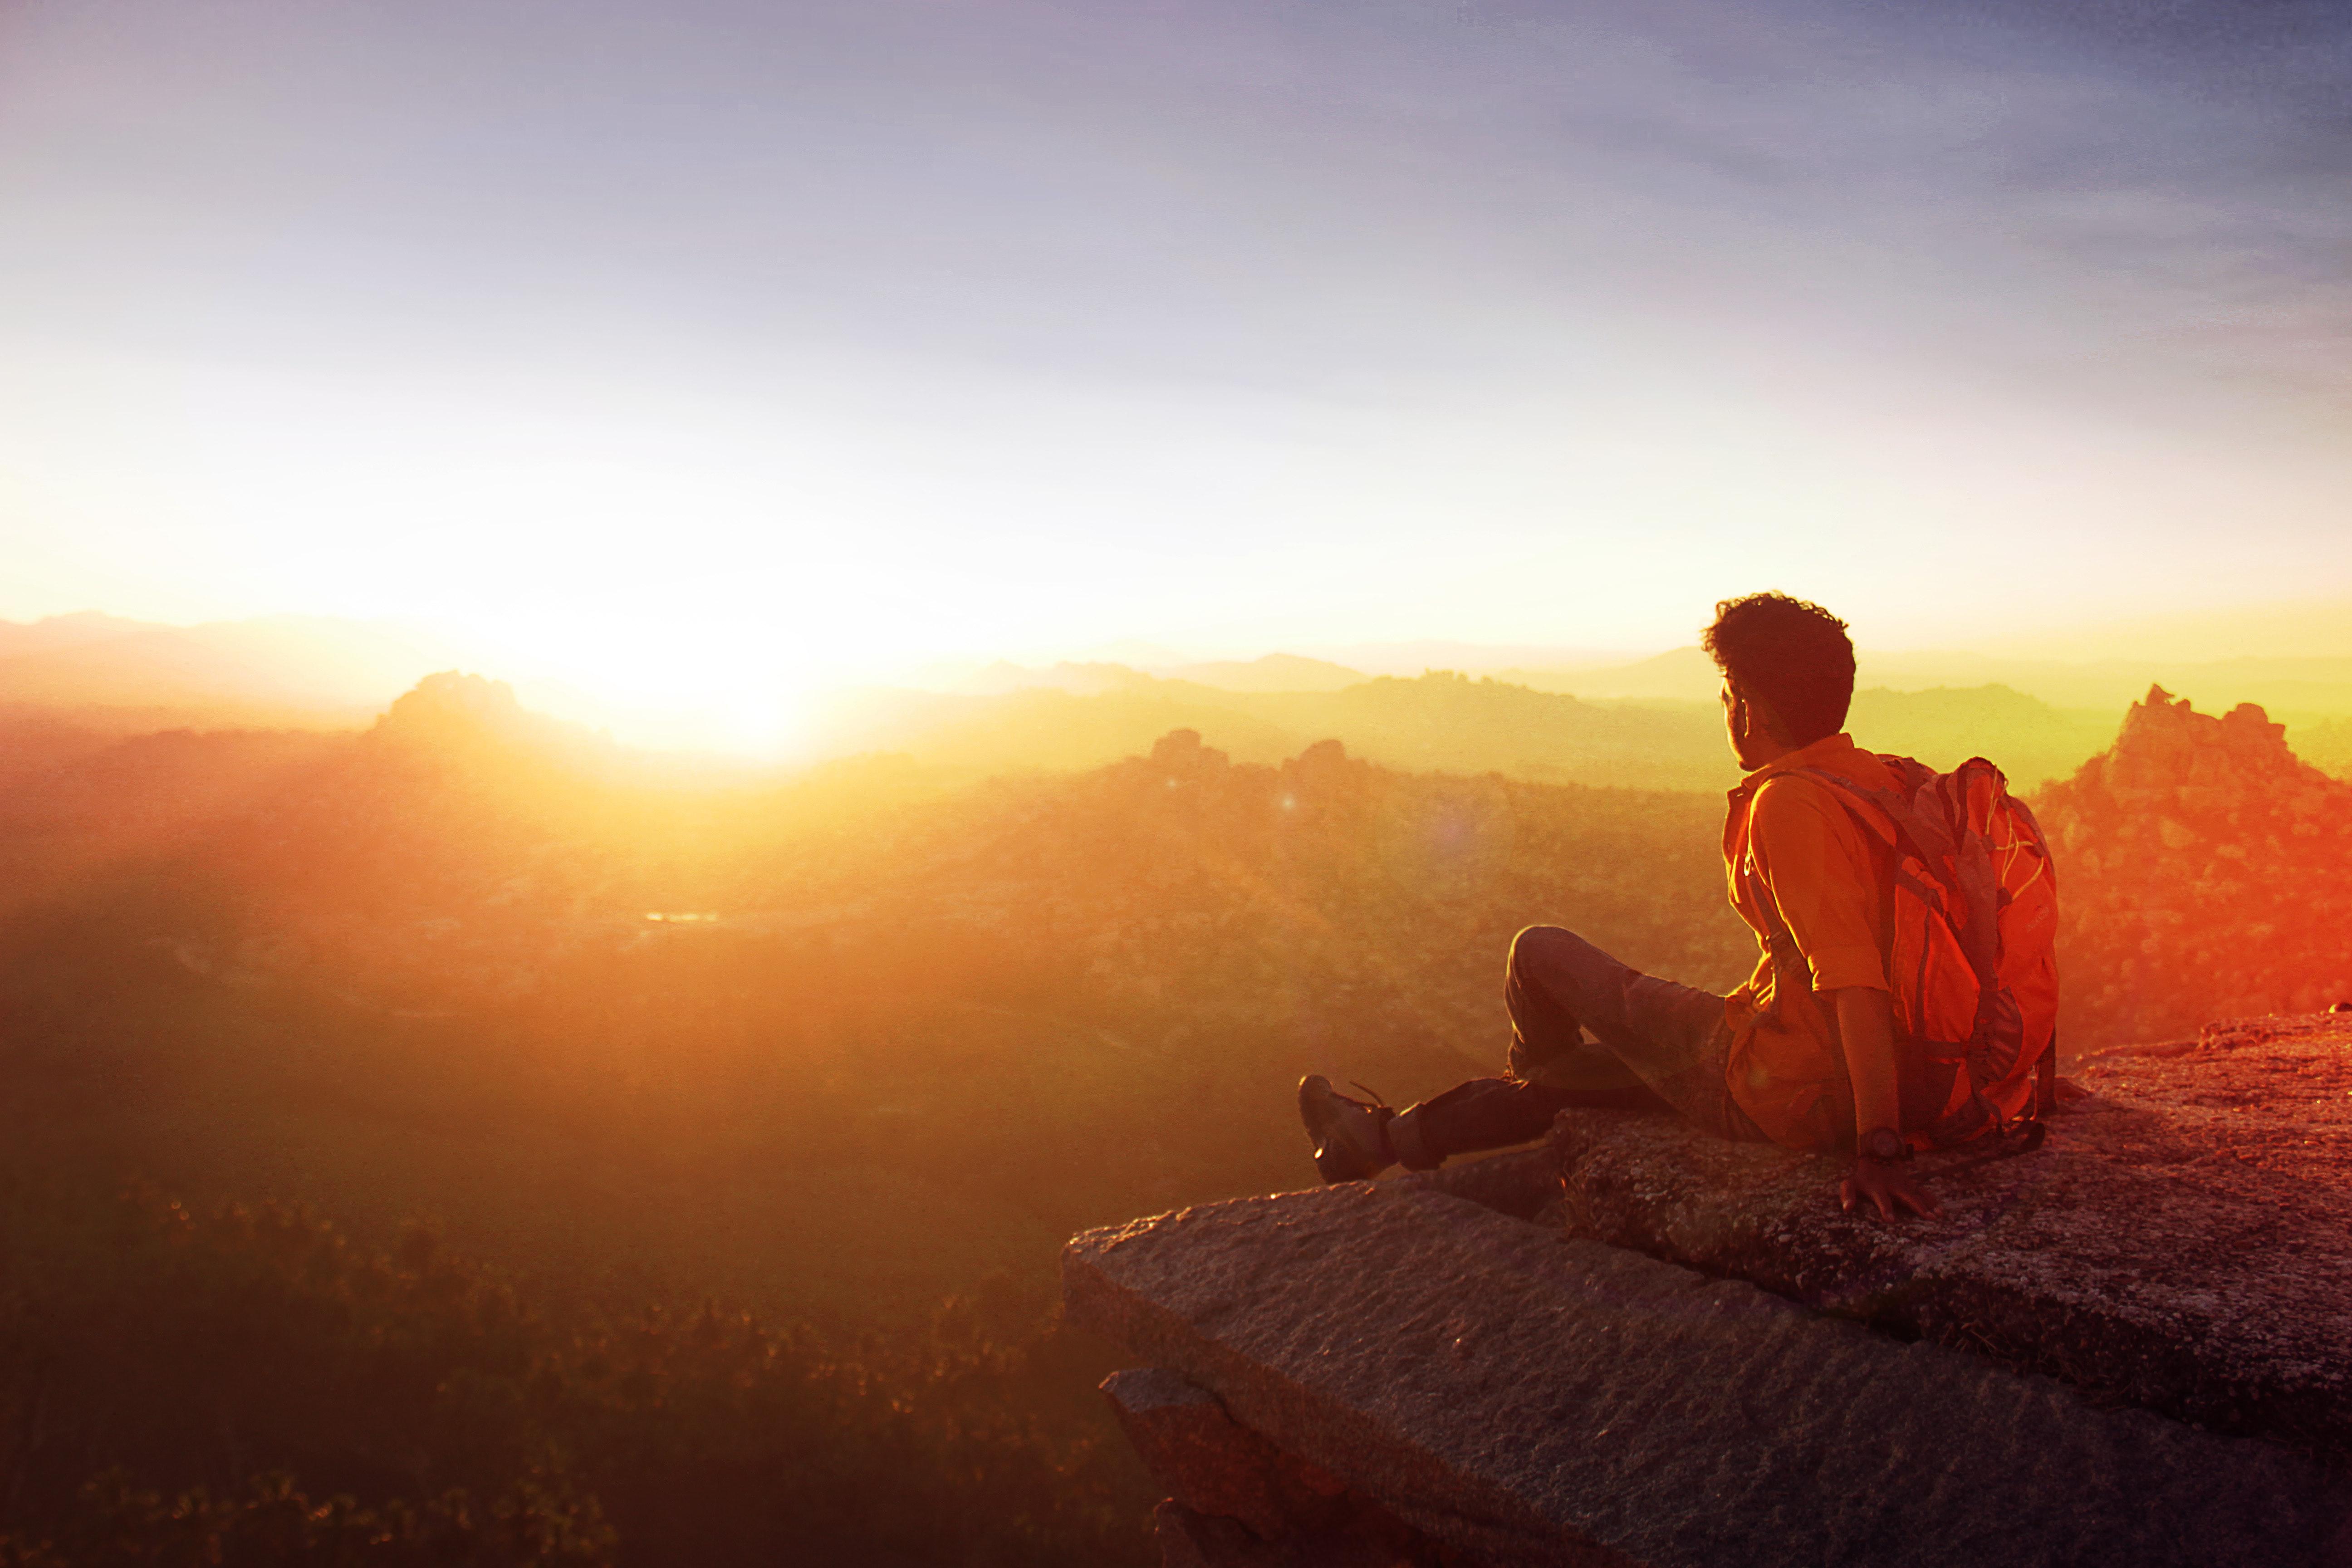 Man Sitting on Edge Facing Sunset, Adult, Mountains, Sunset, Sunrise, HQ Photo